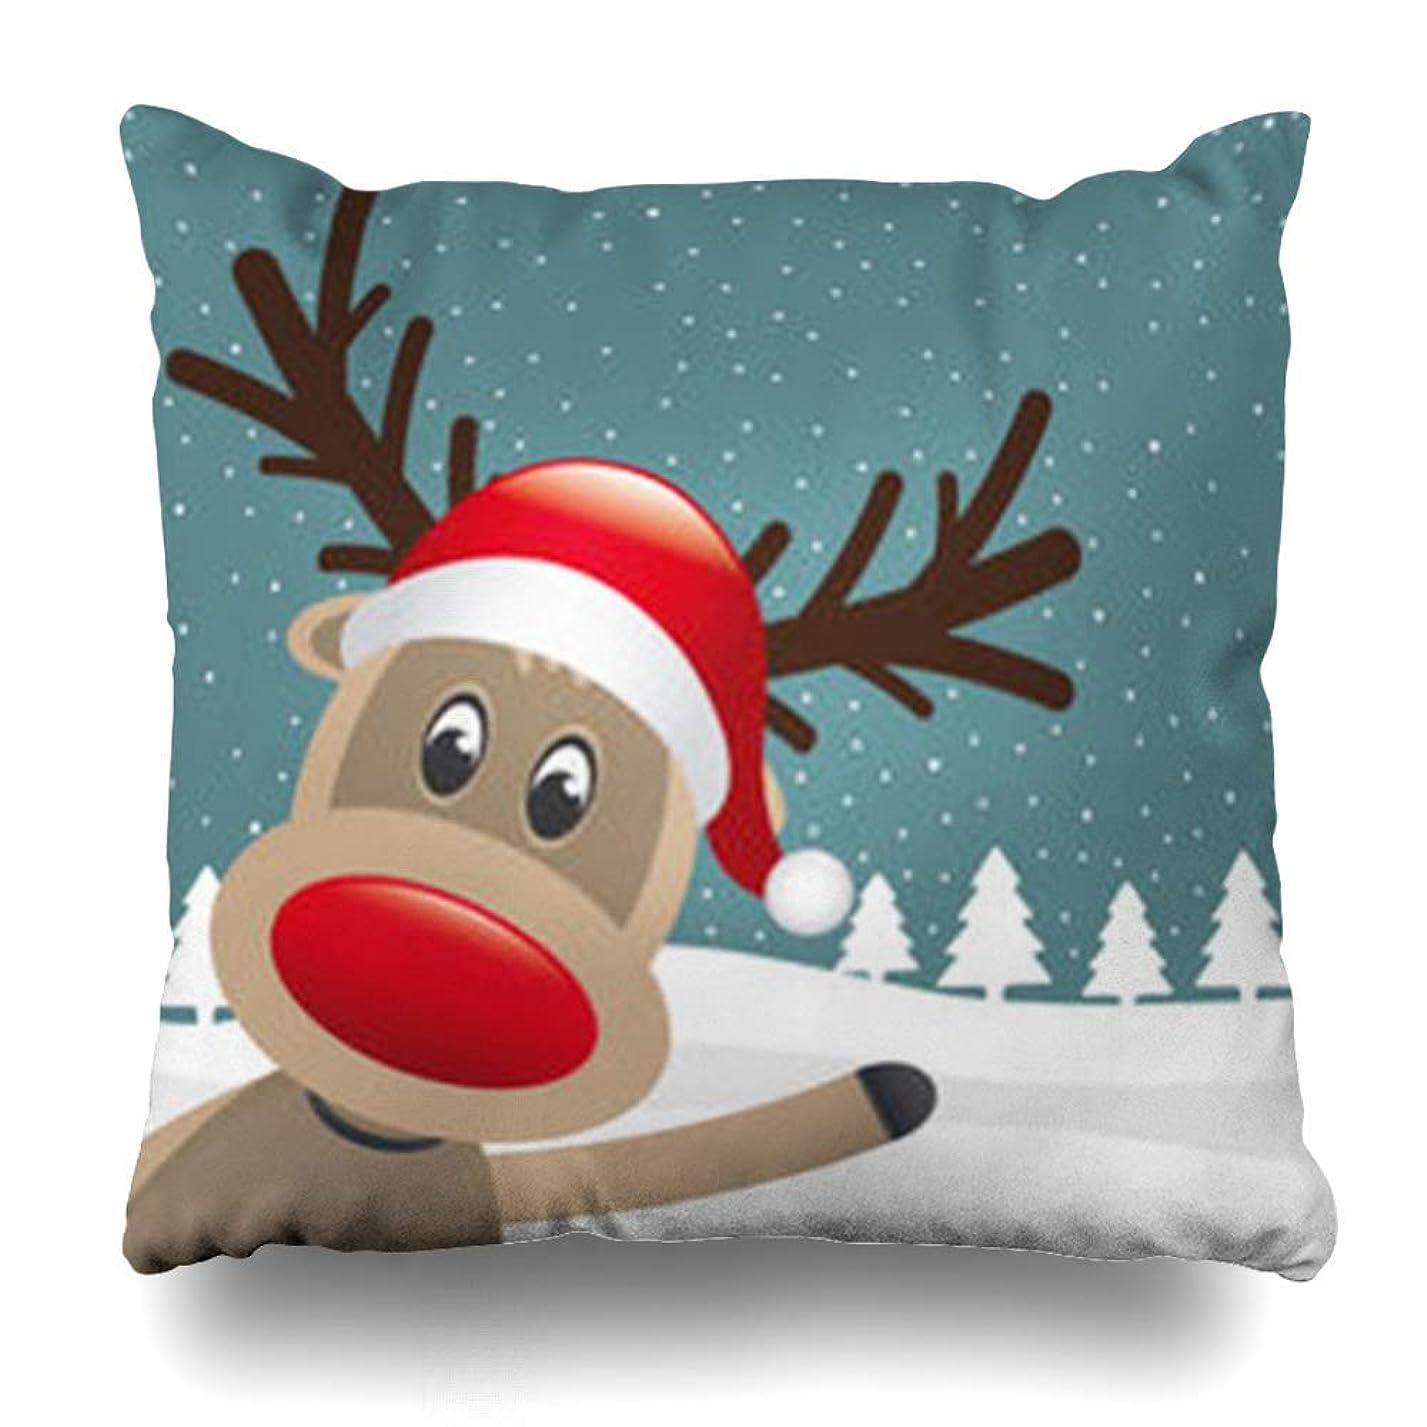 祭りジョガー実用的スロー枕カバースターレッドアニバーサリーレトロメリークリスマスツリー装飾抽象祝日お祝いホームデコレーションクッションケーススクエア18 * 18インチインテリアソファ枕カバー